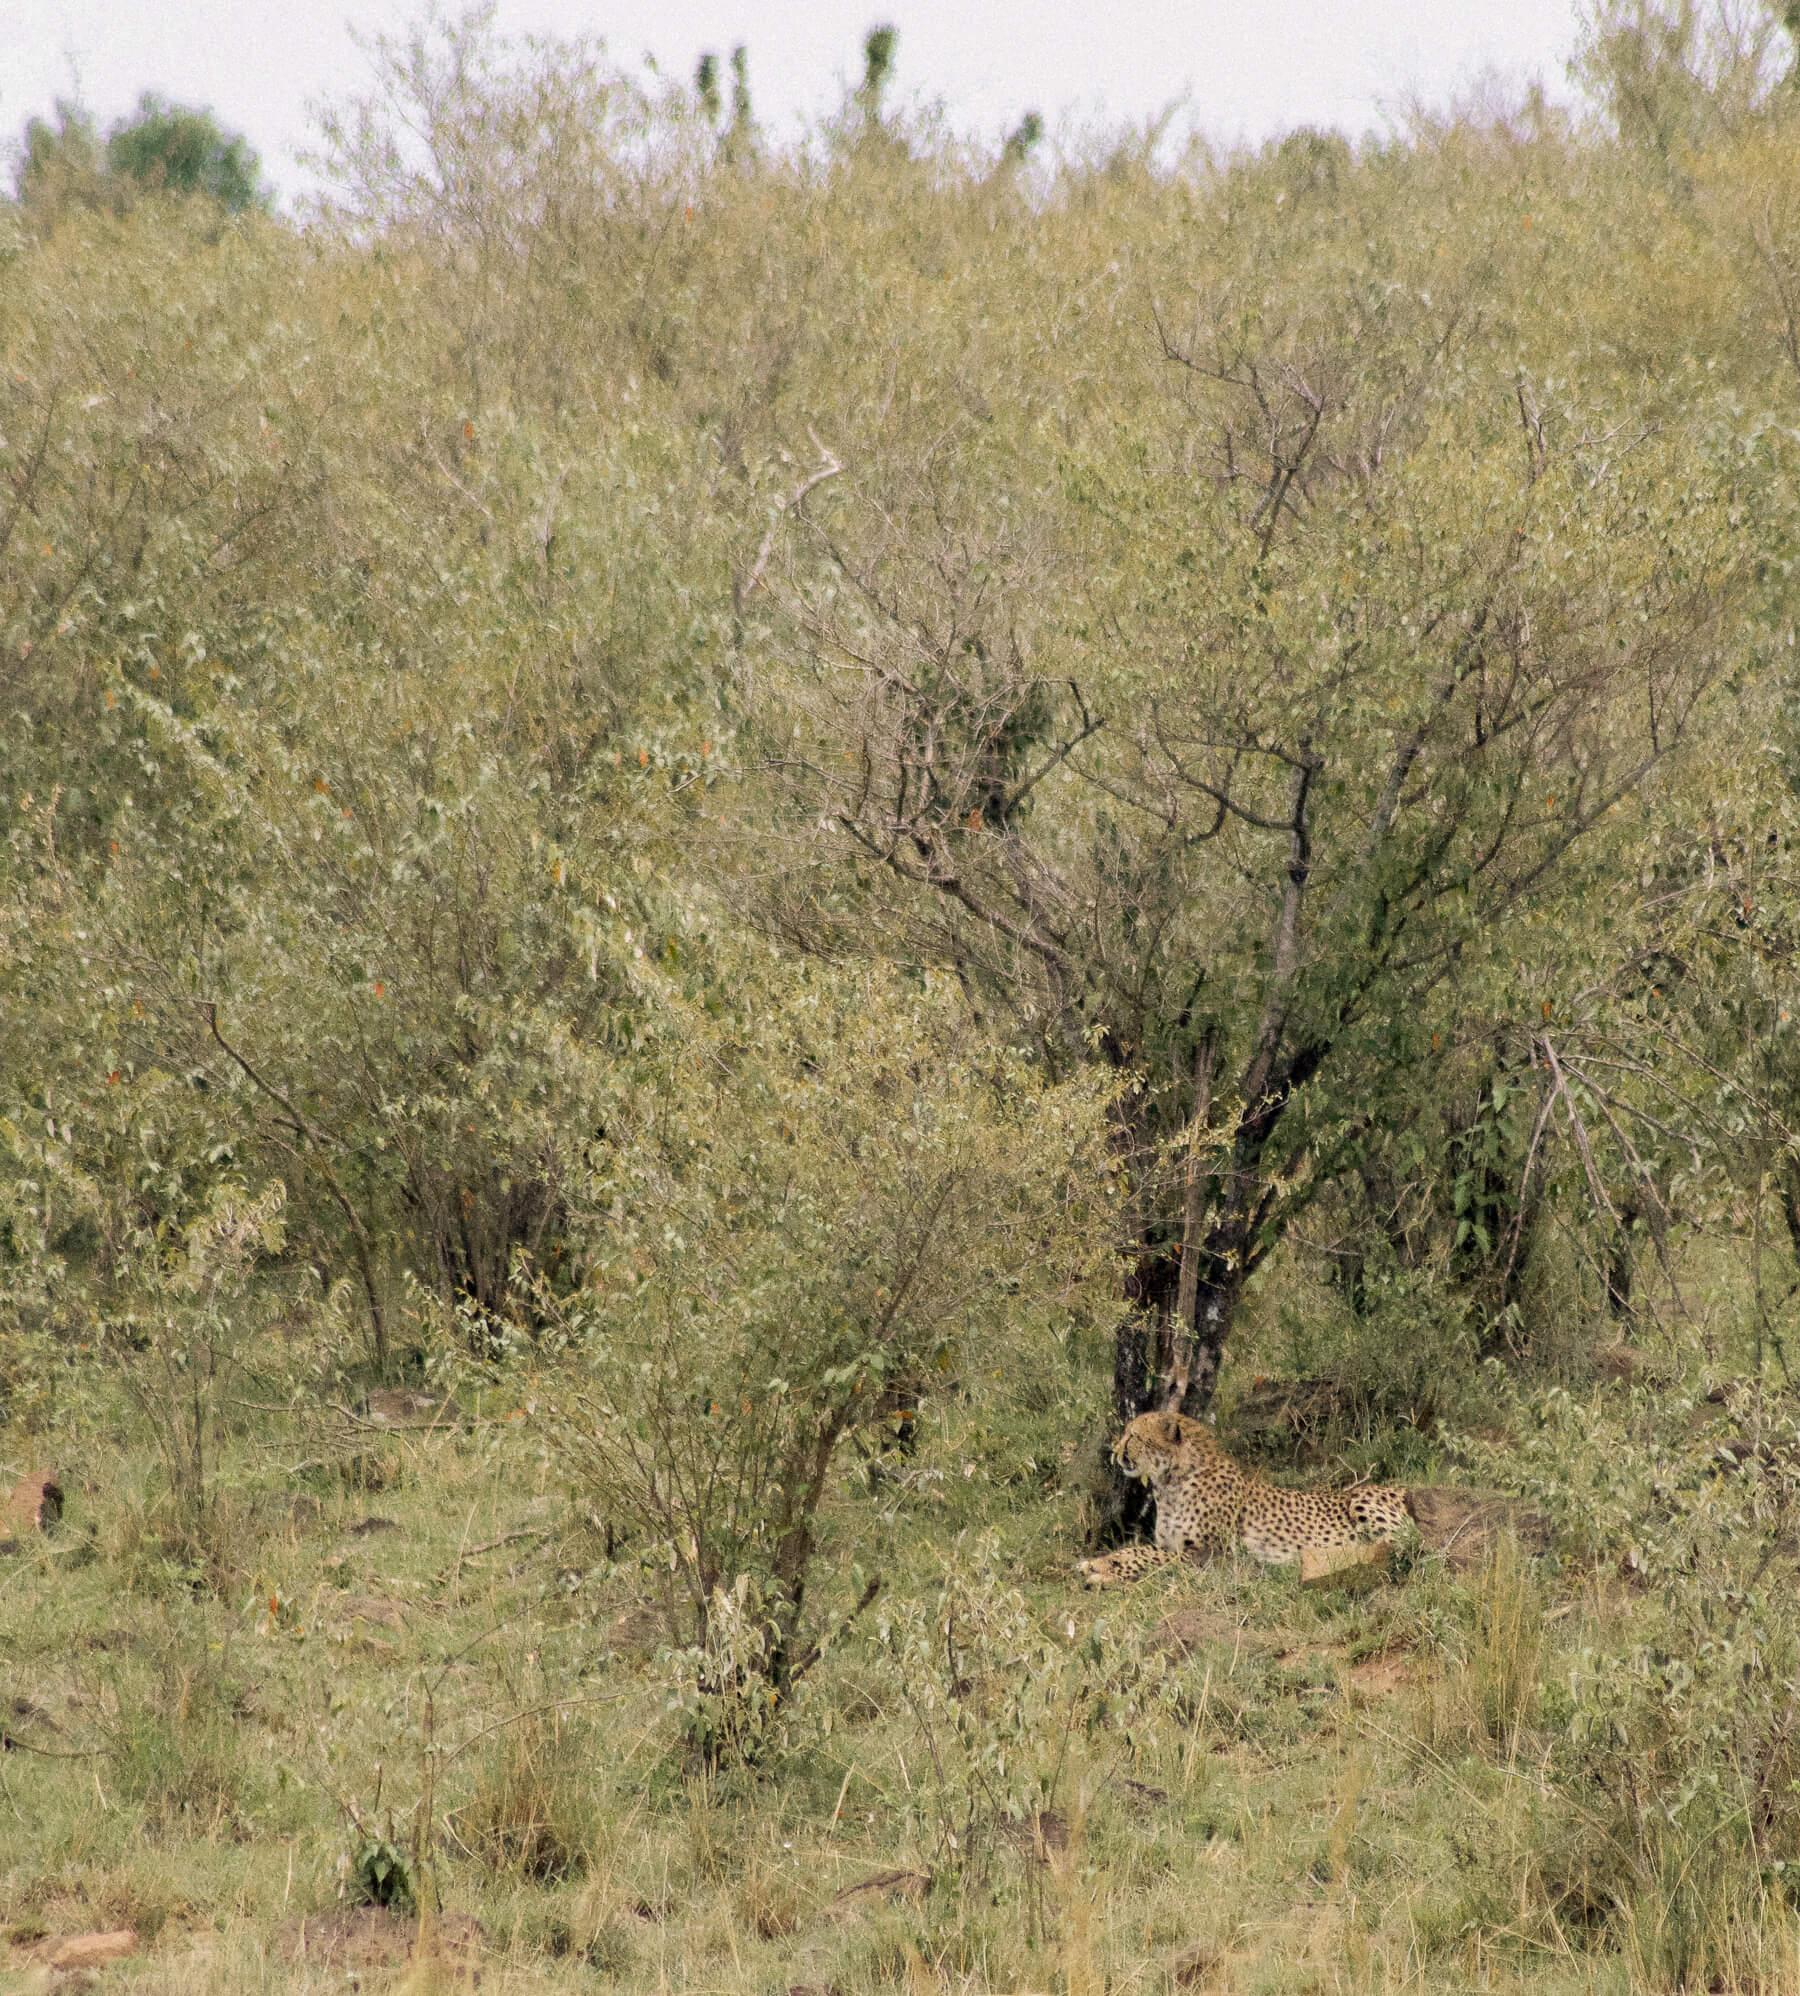 A cheetah sitting underneath a tree in the Maasai Mara